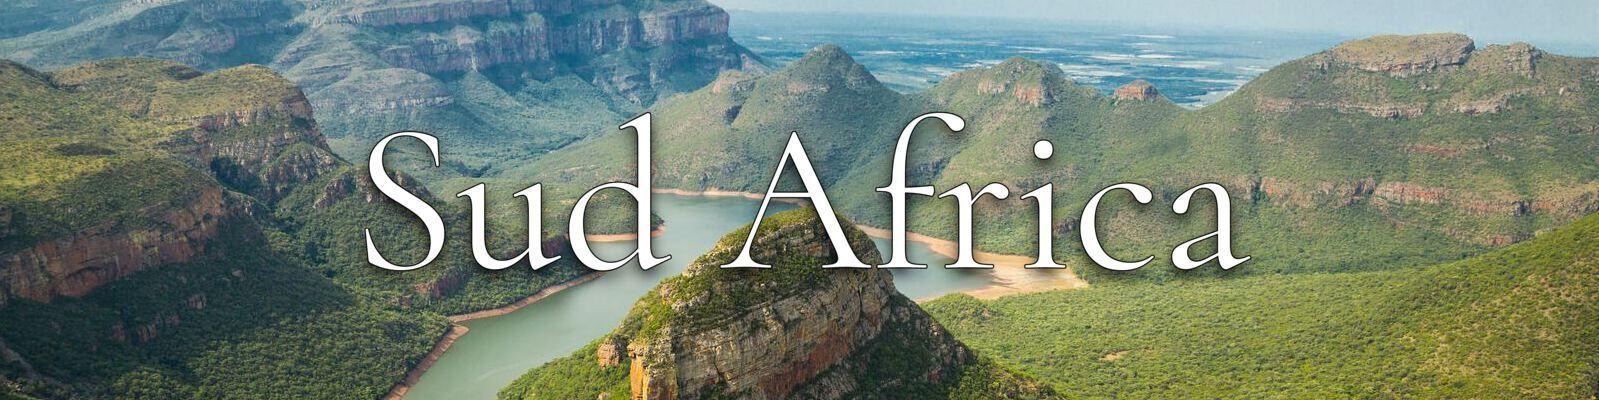 Sud-Africa